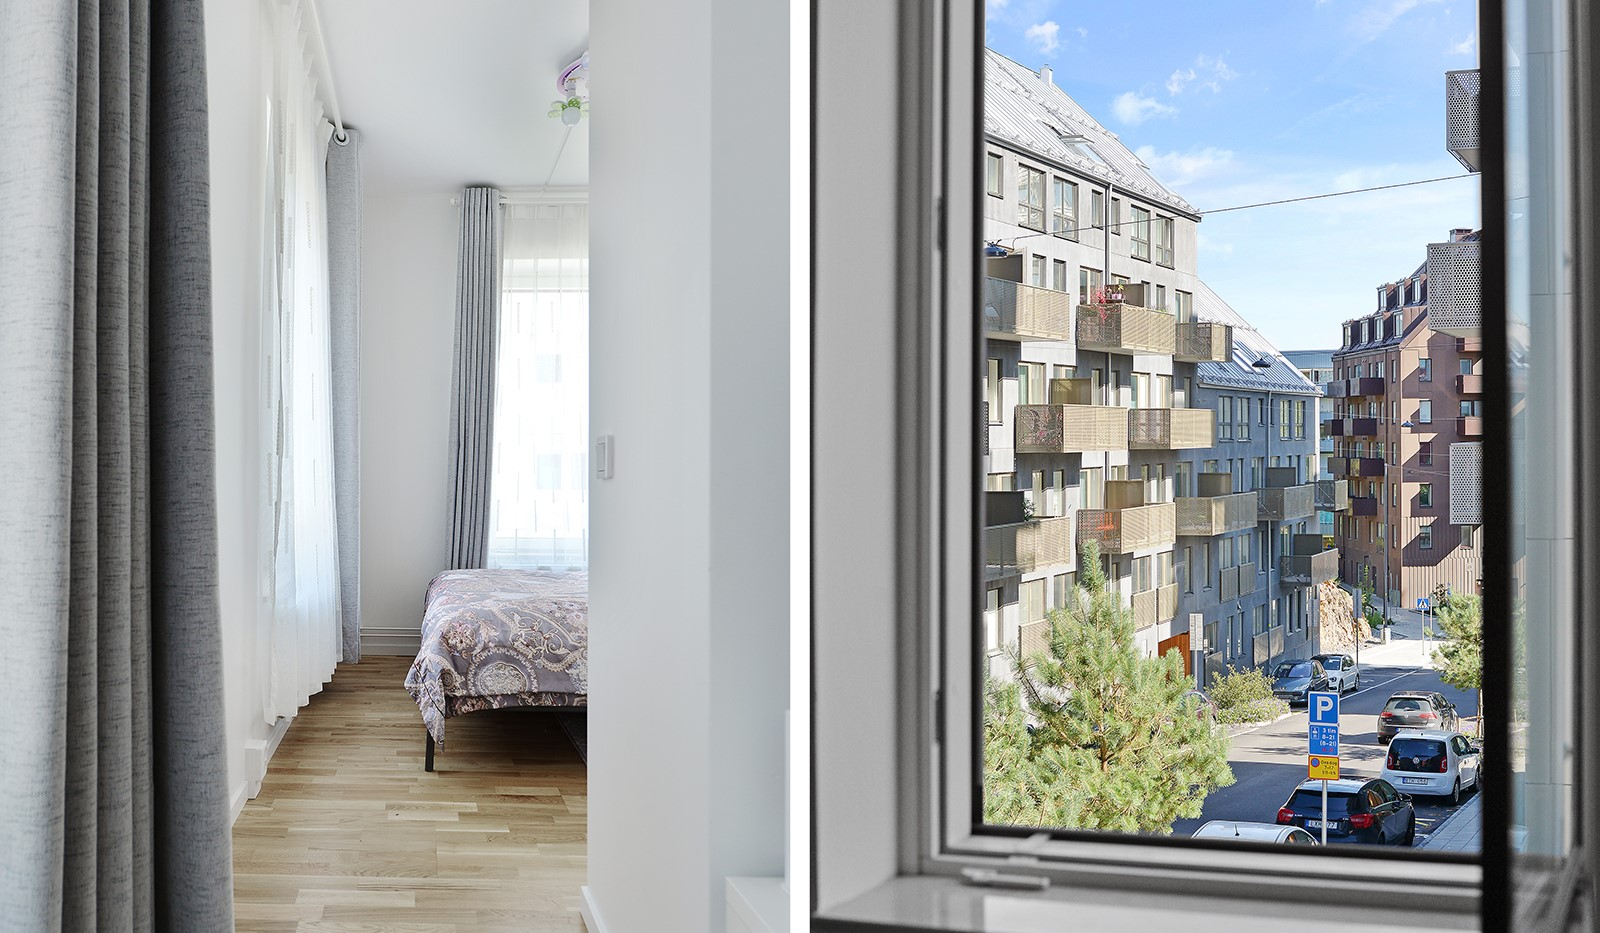 Lagmansbacken 7,1tr - Ingång till sovrummet och utsikt fr fönstren